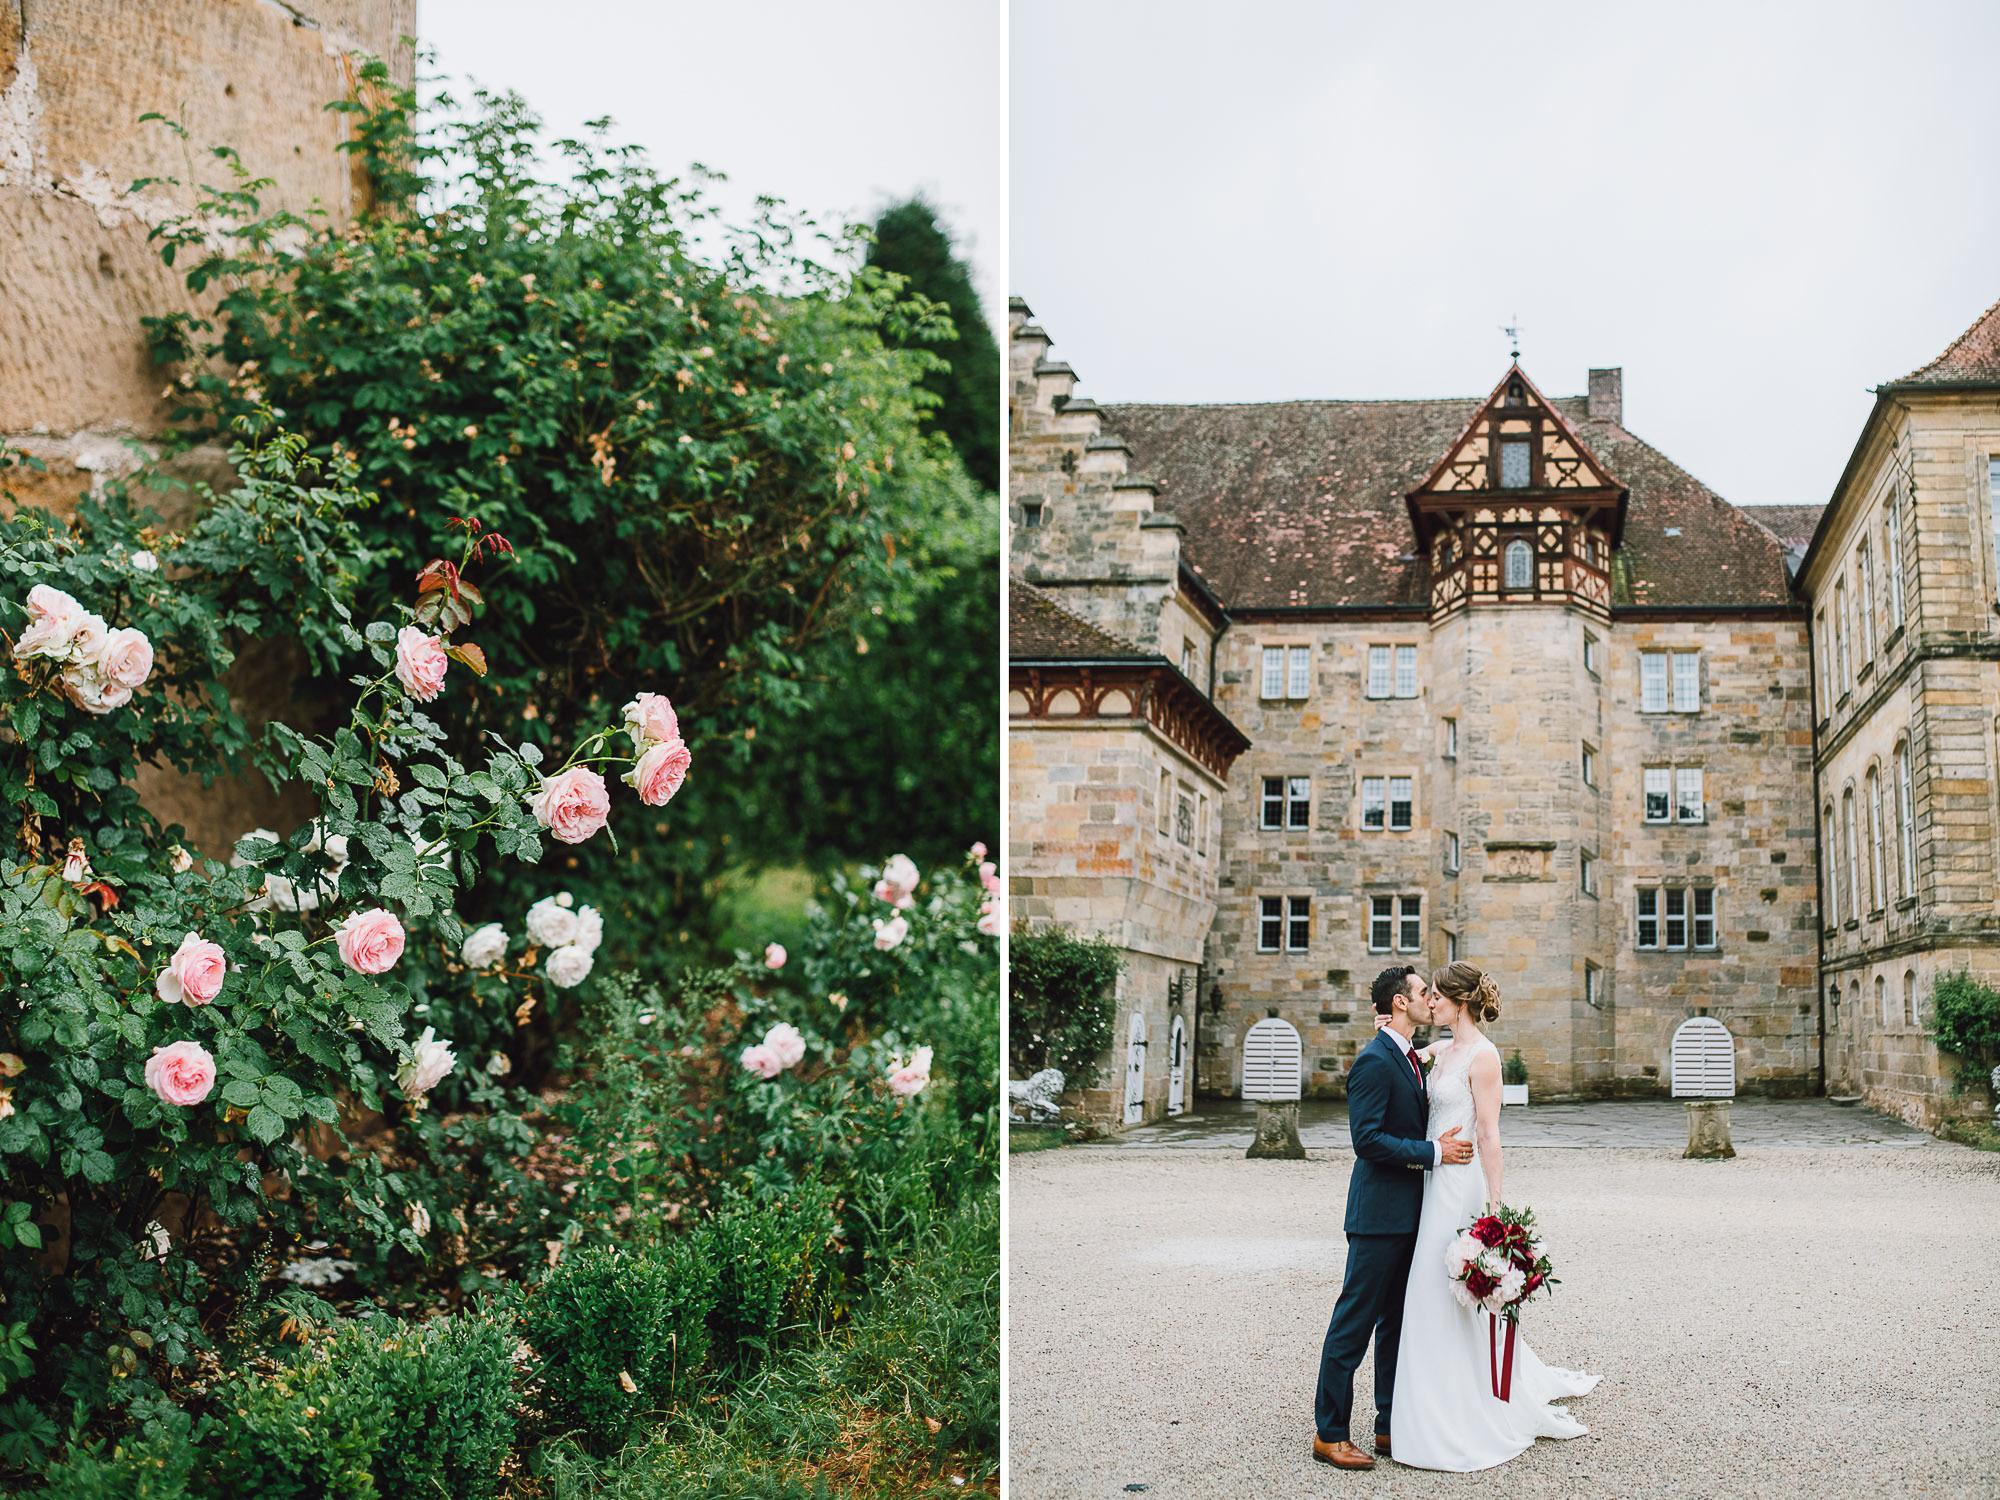 rustic-elegant-wedding-schloss-hochzeit-eyrichshof-franken-bamberg-106